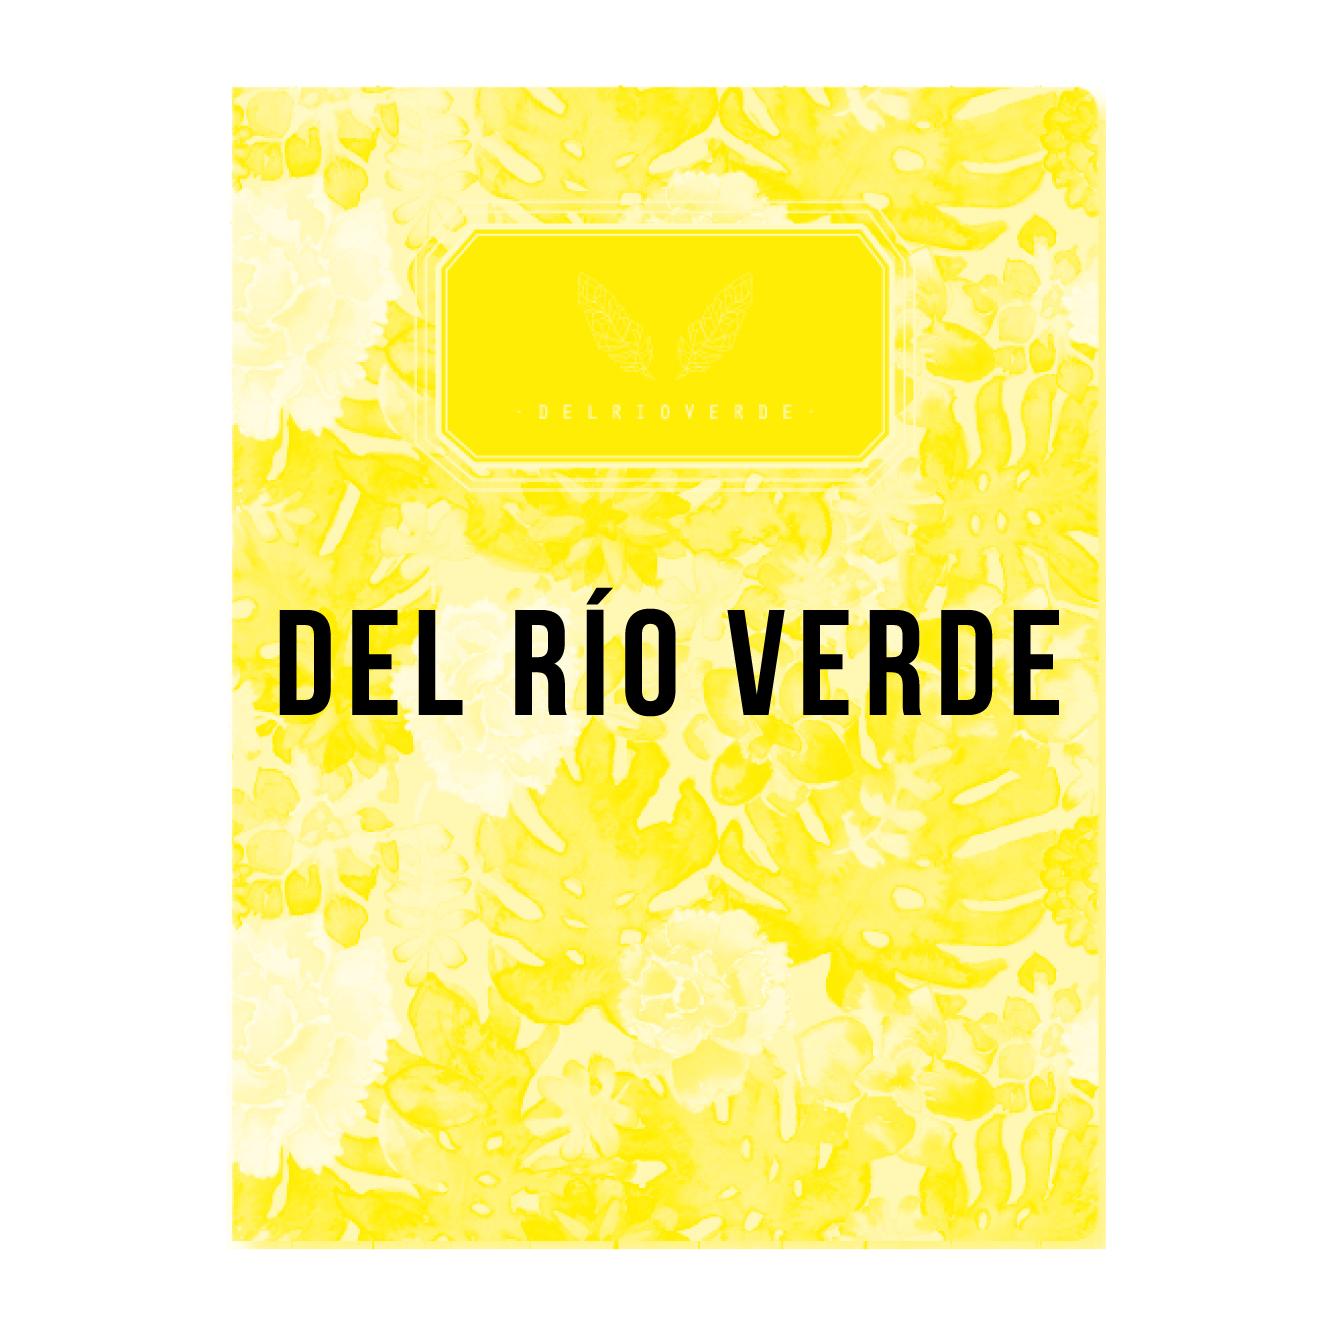 portada-delrioverde-2.jpg